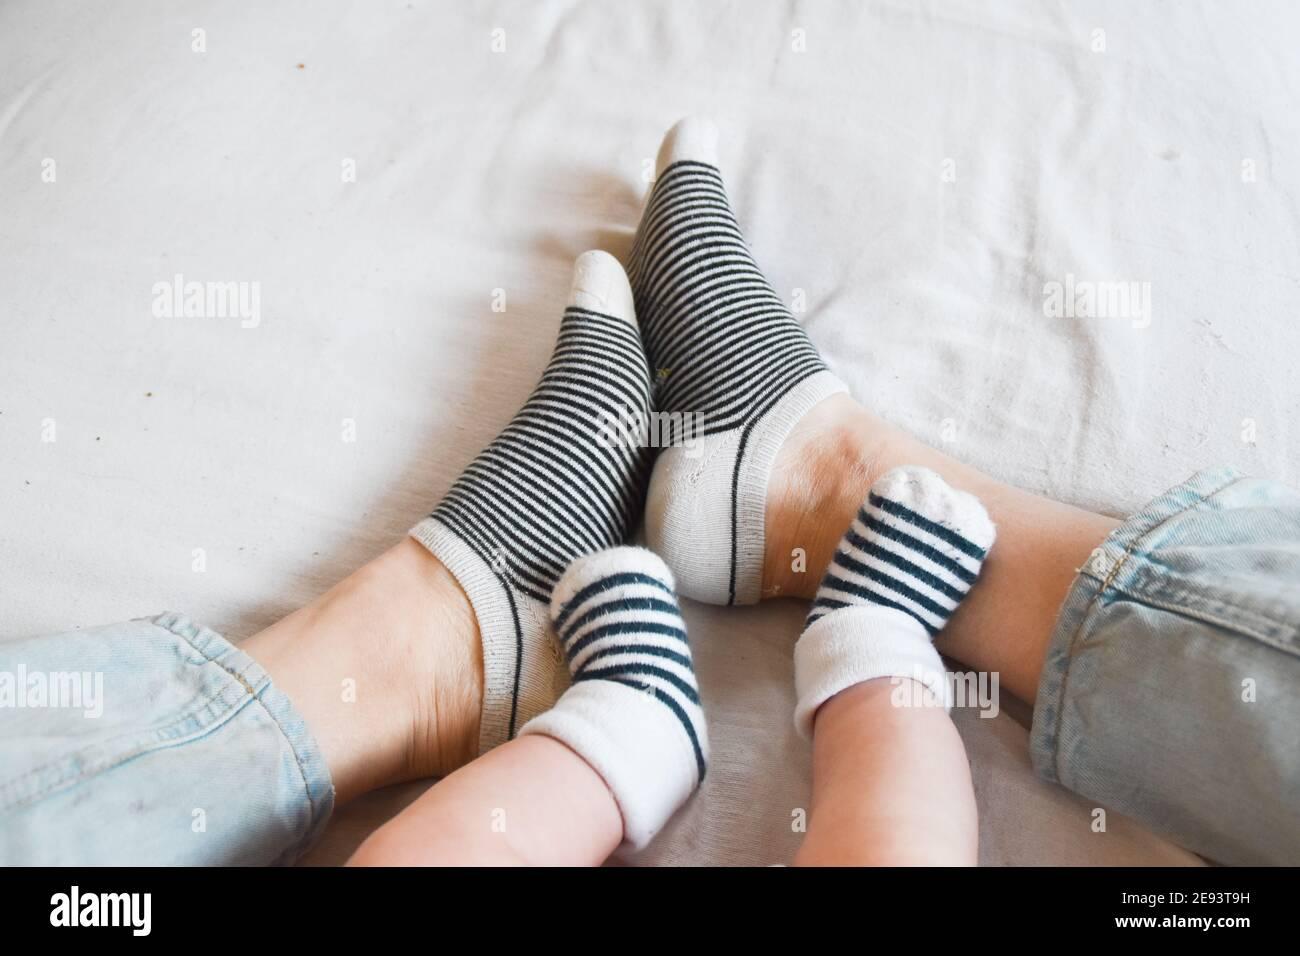 Les pieds de la mère et du bébé avec des chaussettes assorties Banque D'Images